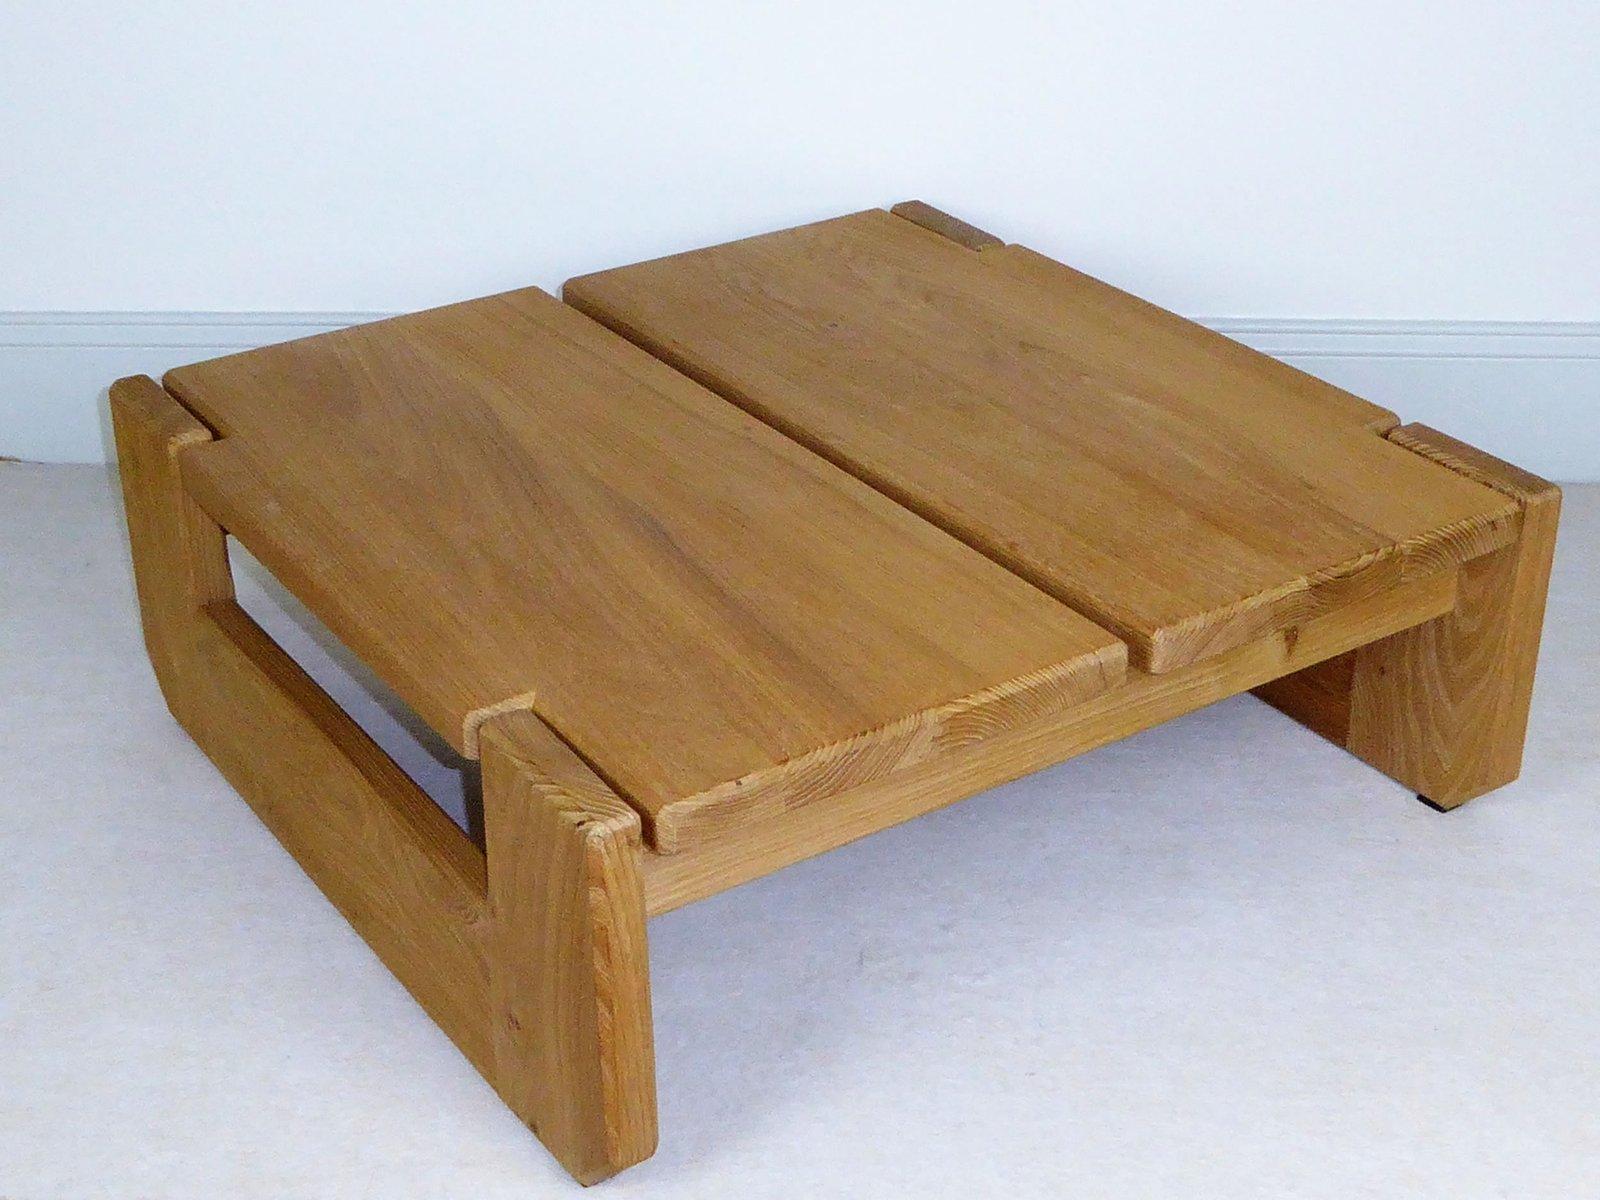 table basse vintage en orme massif de regain furniture france 1960s en vente sur pamono. Black Bedroom Furniture Sets. Home Design Ideas